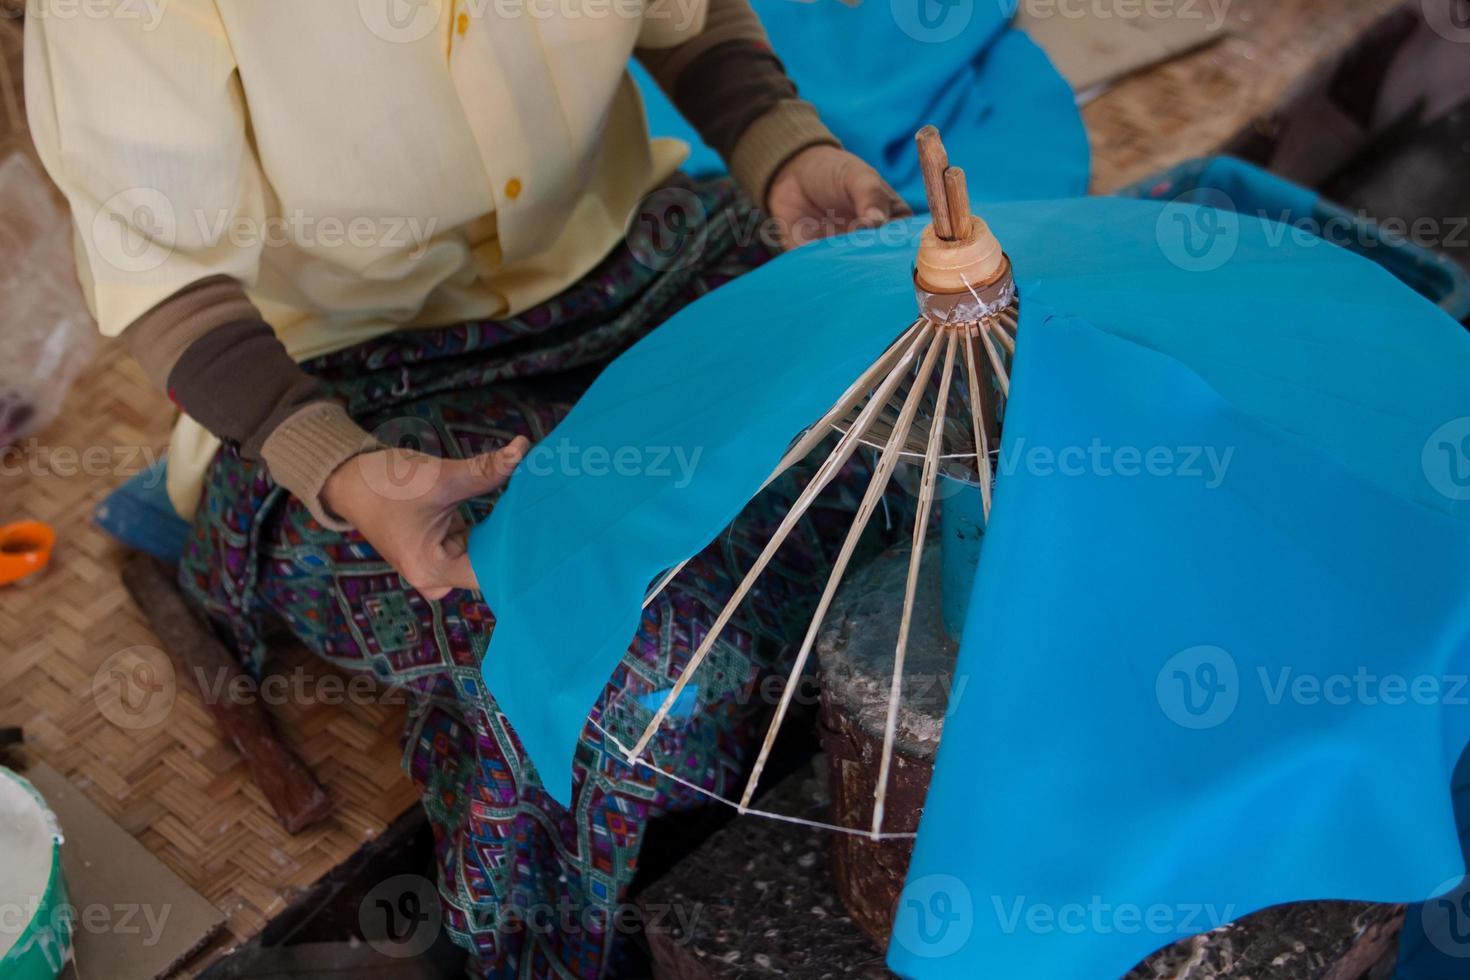 comment rendre le processus parapluie / arts et métiers photo